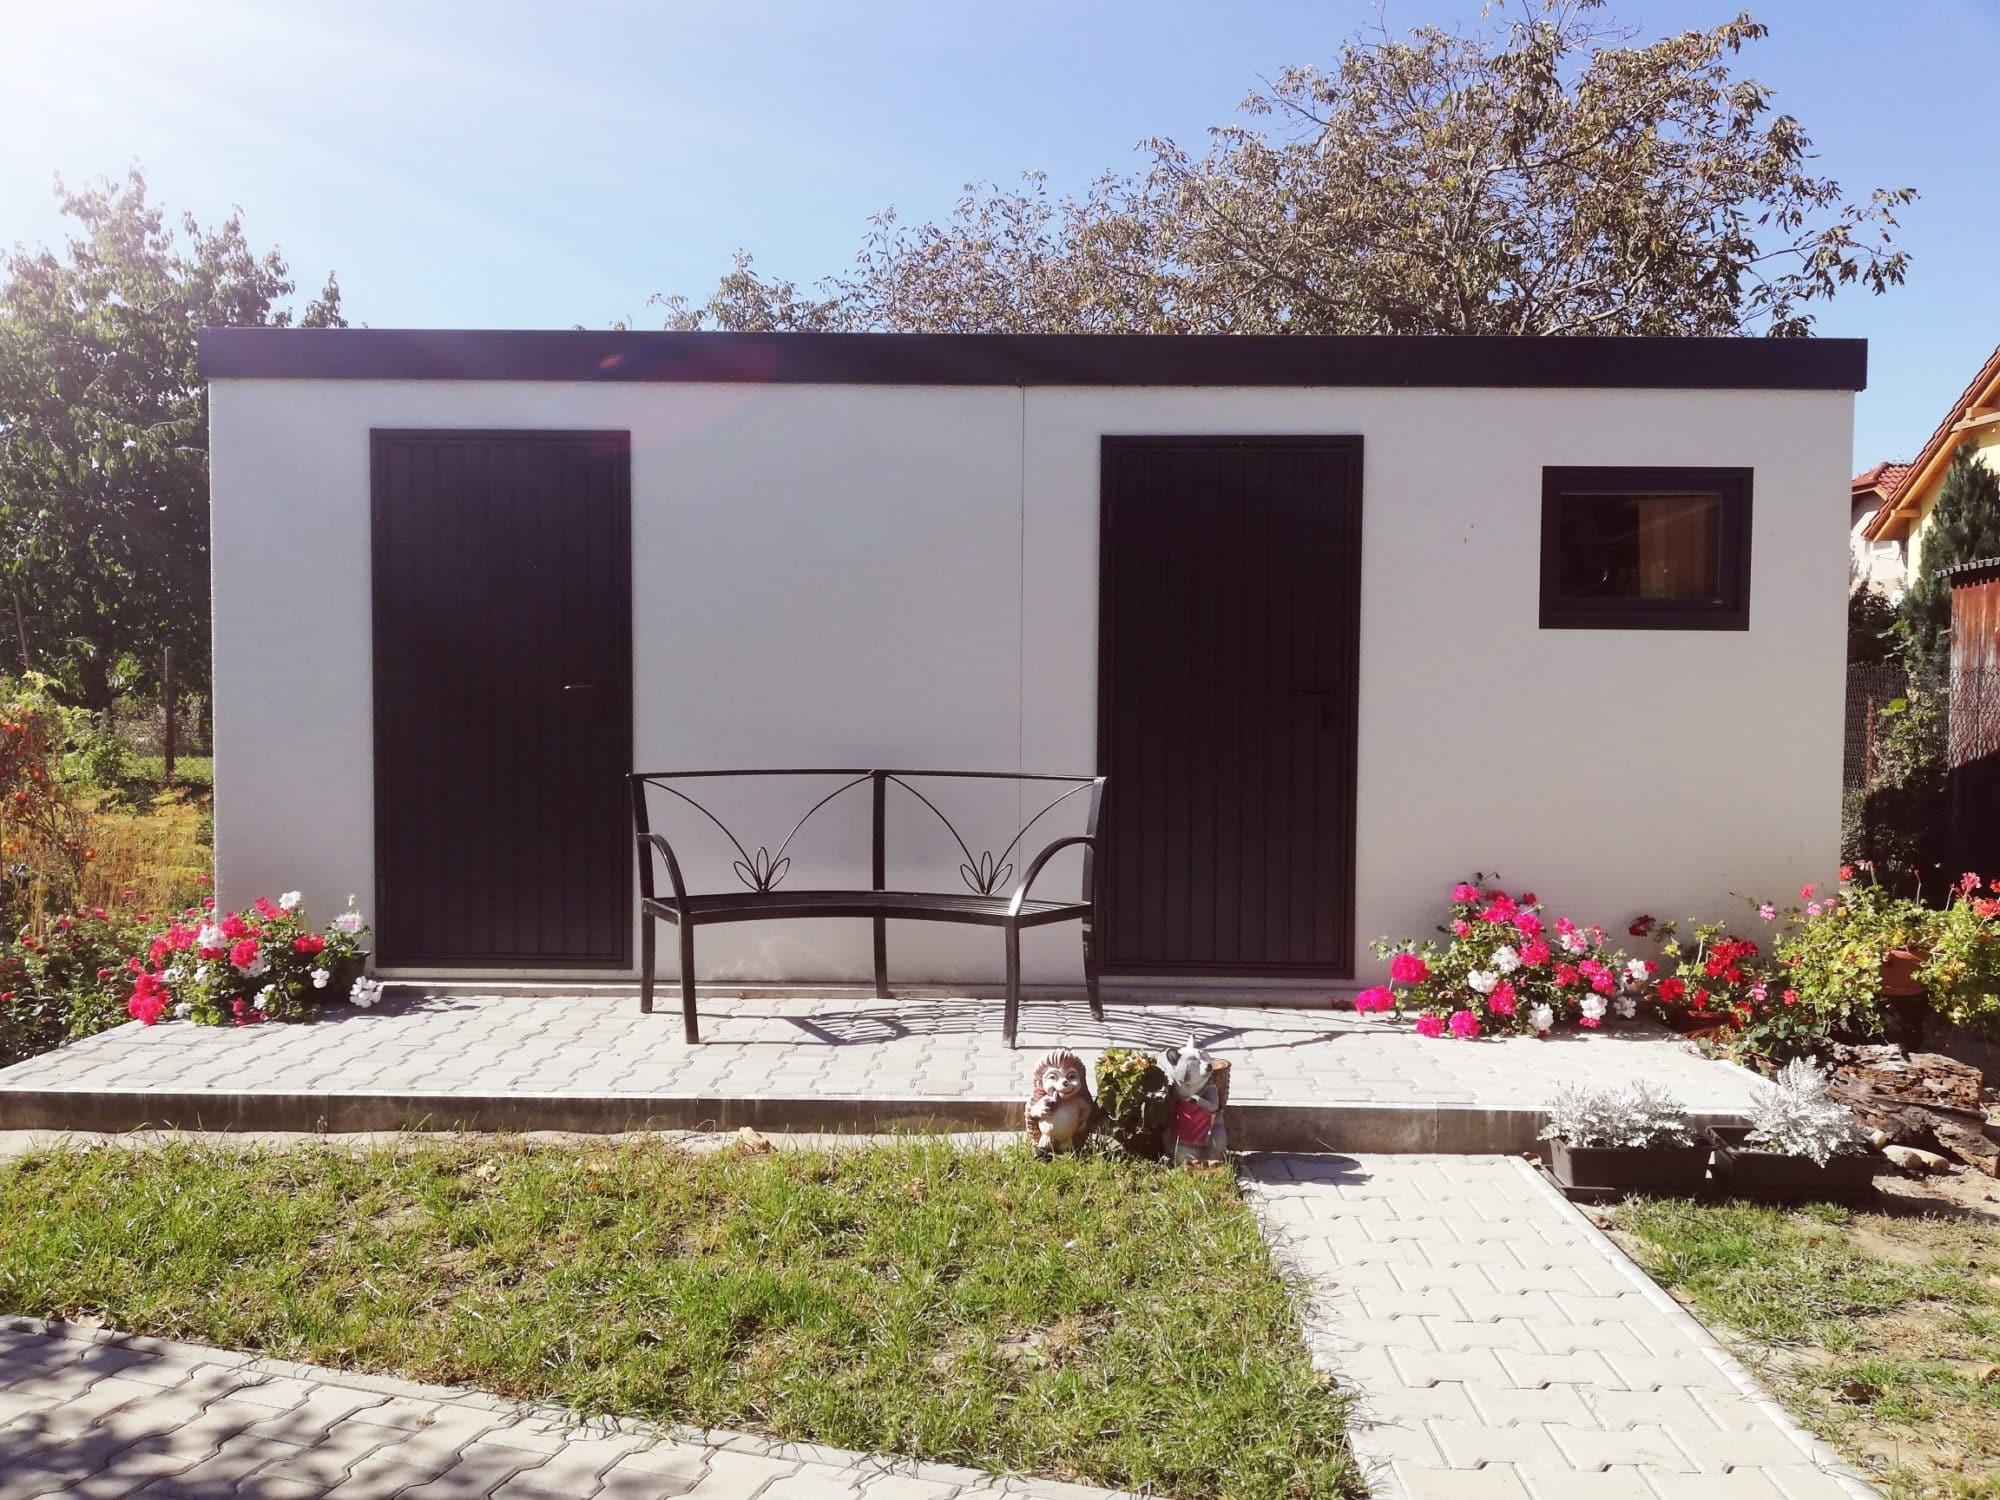 Dvojitý záhradný domček GARDEON v bielej omietke s hnedými dverami Hormann